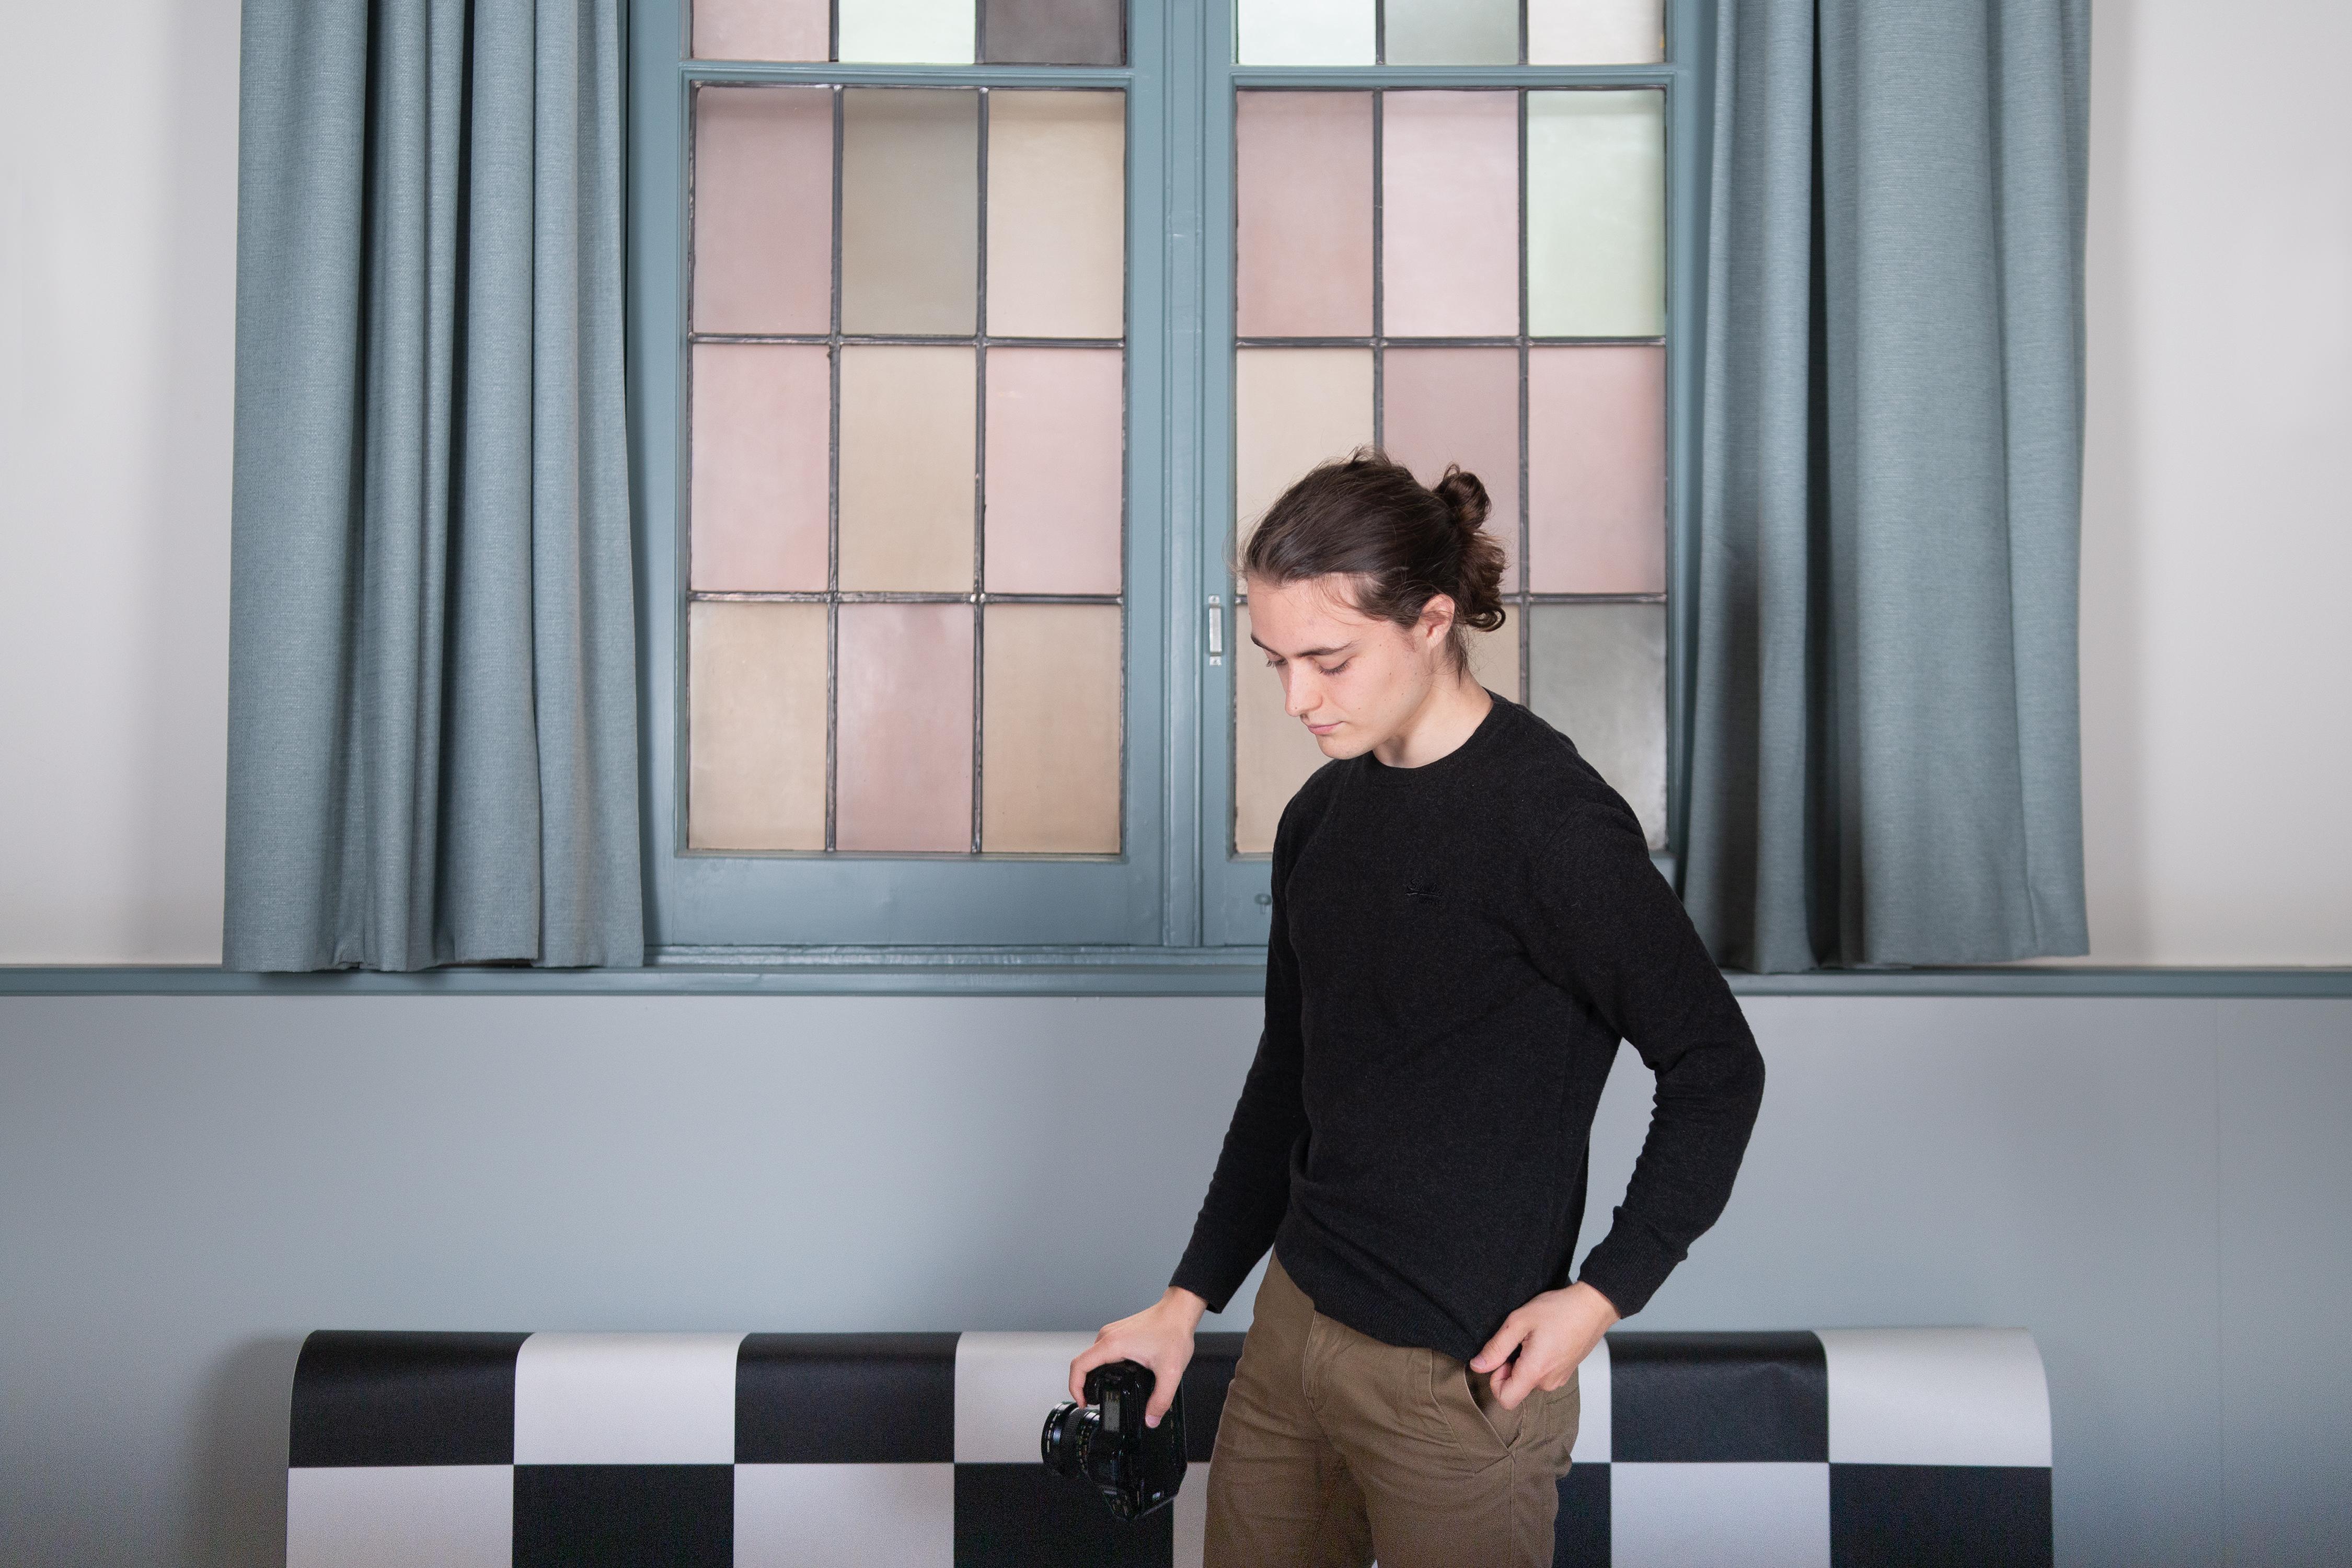 Maureen Jonker portretteert met '20 in 2020' Haarlemse jongeren: 'Het moesten geen rechttoe rechtaan-portretten worden